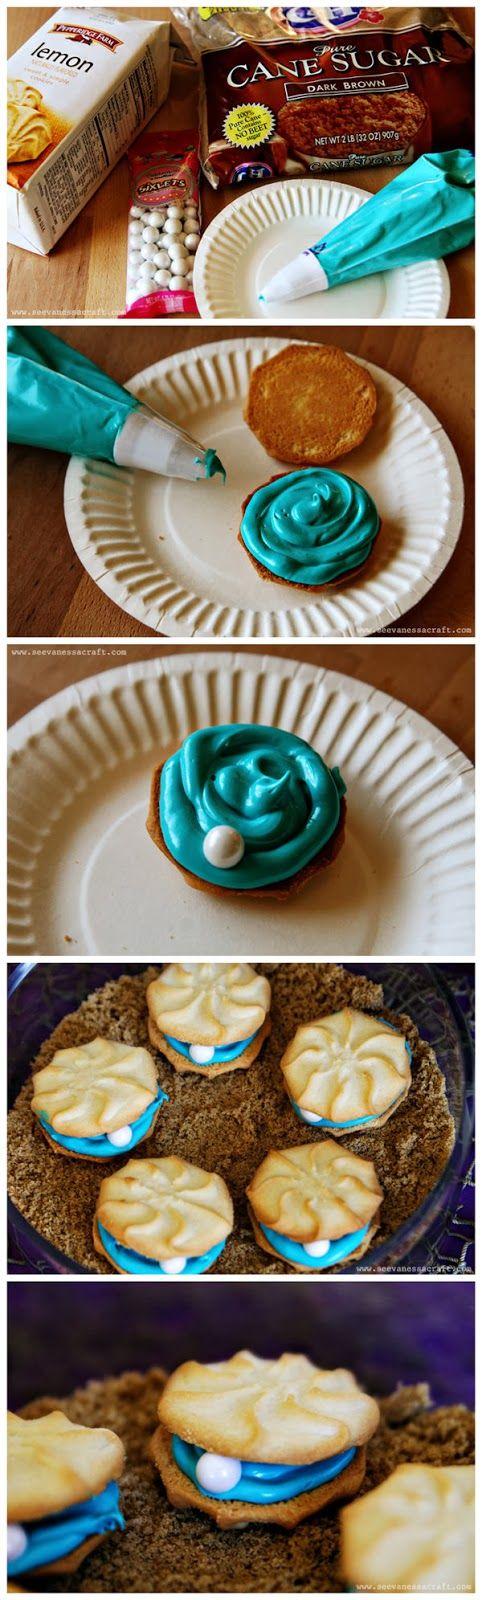 Simples e fácil!!!!! Basta acharmos o biscoitinho em forma de concha rsrsrs #inspiraçãoamordemae #diydodia #lojaamordemae.com